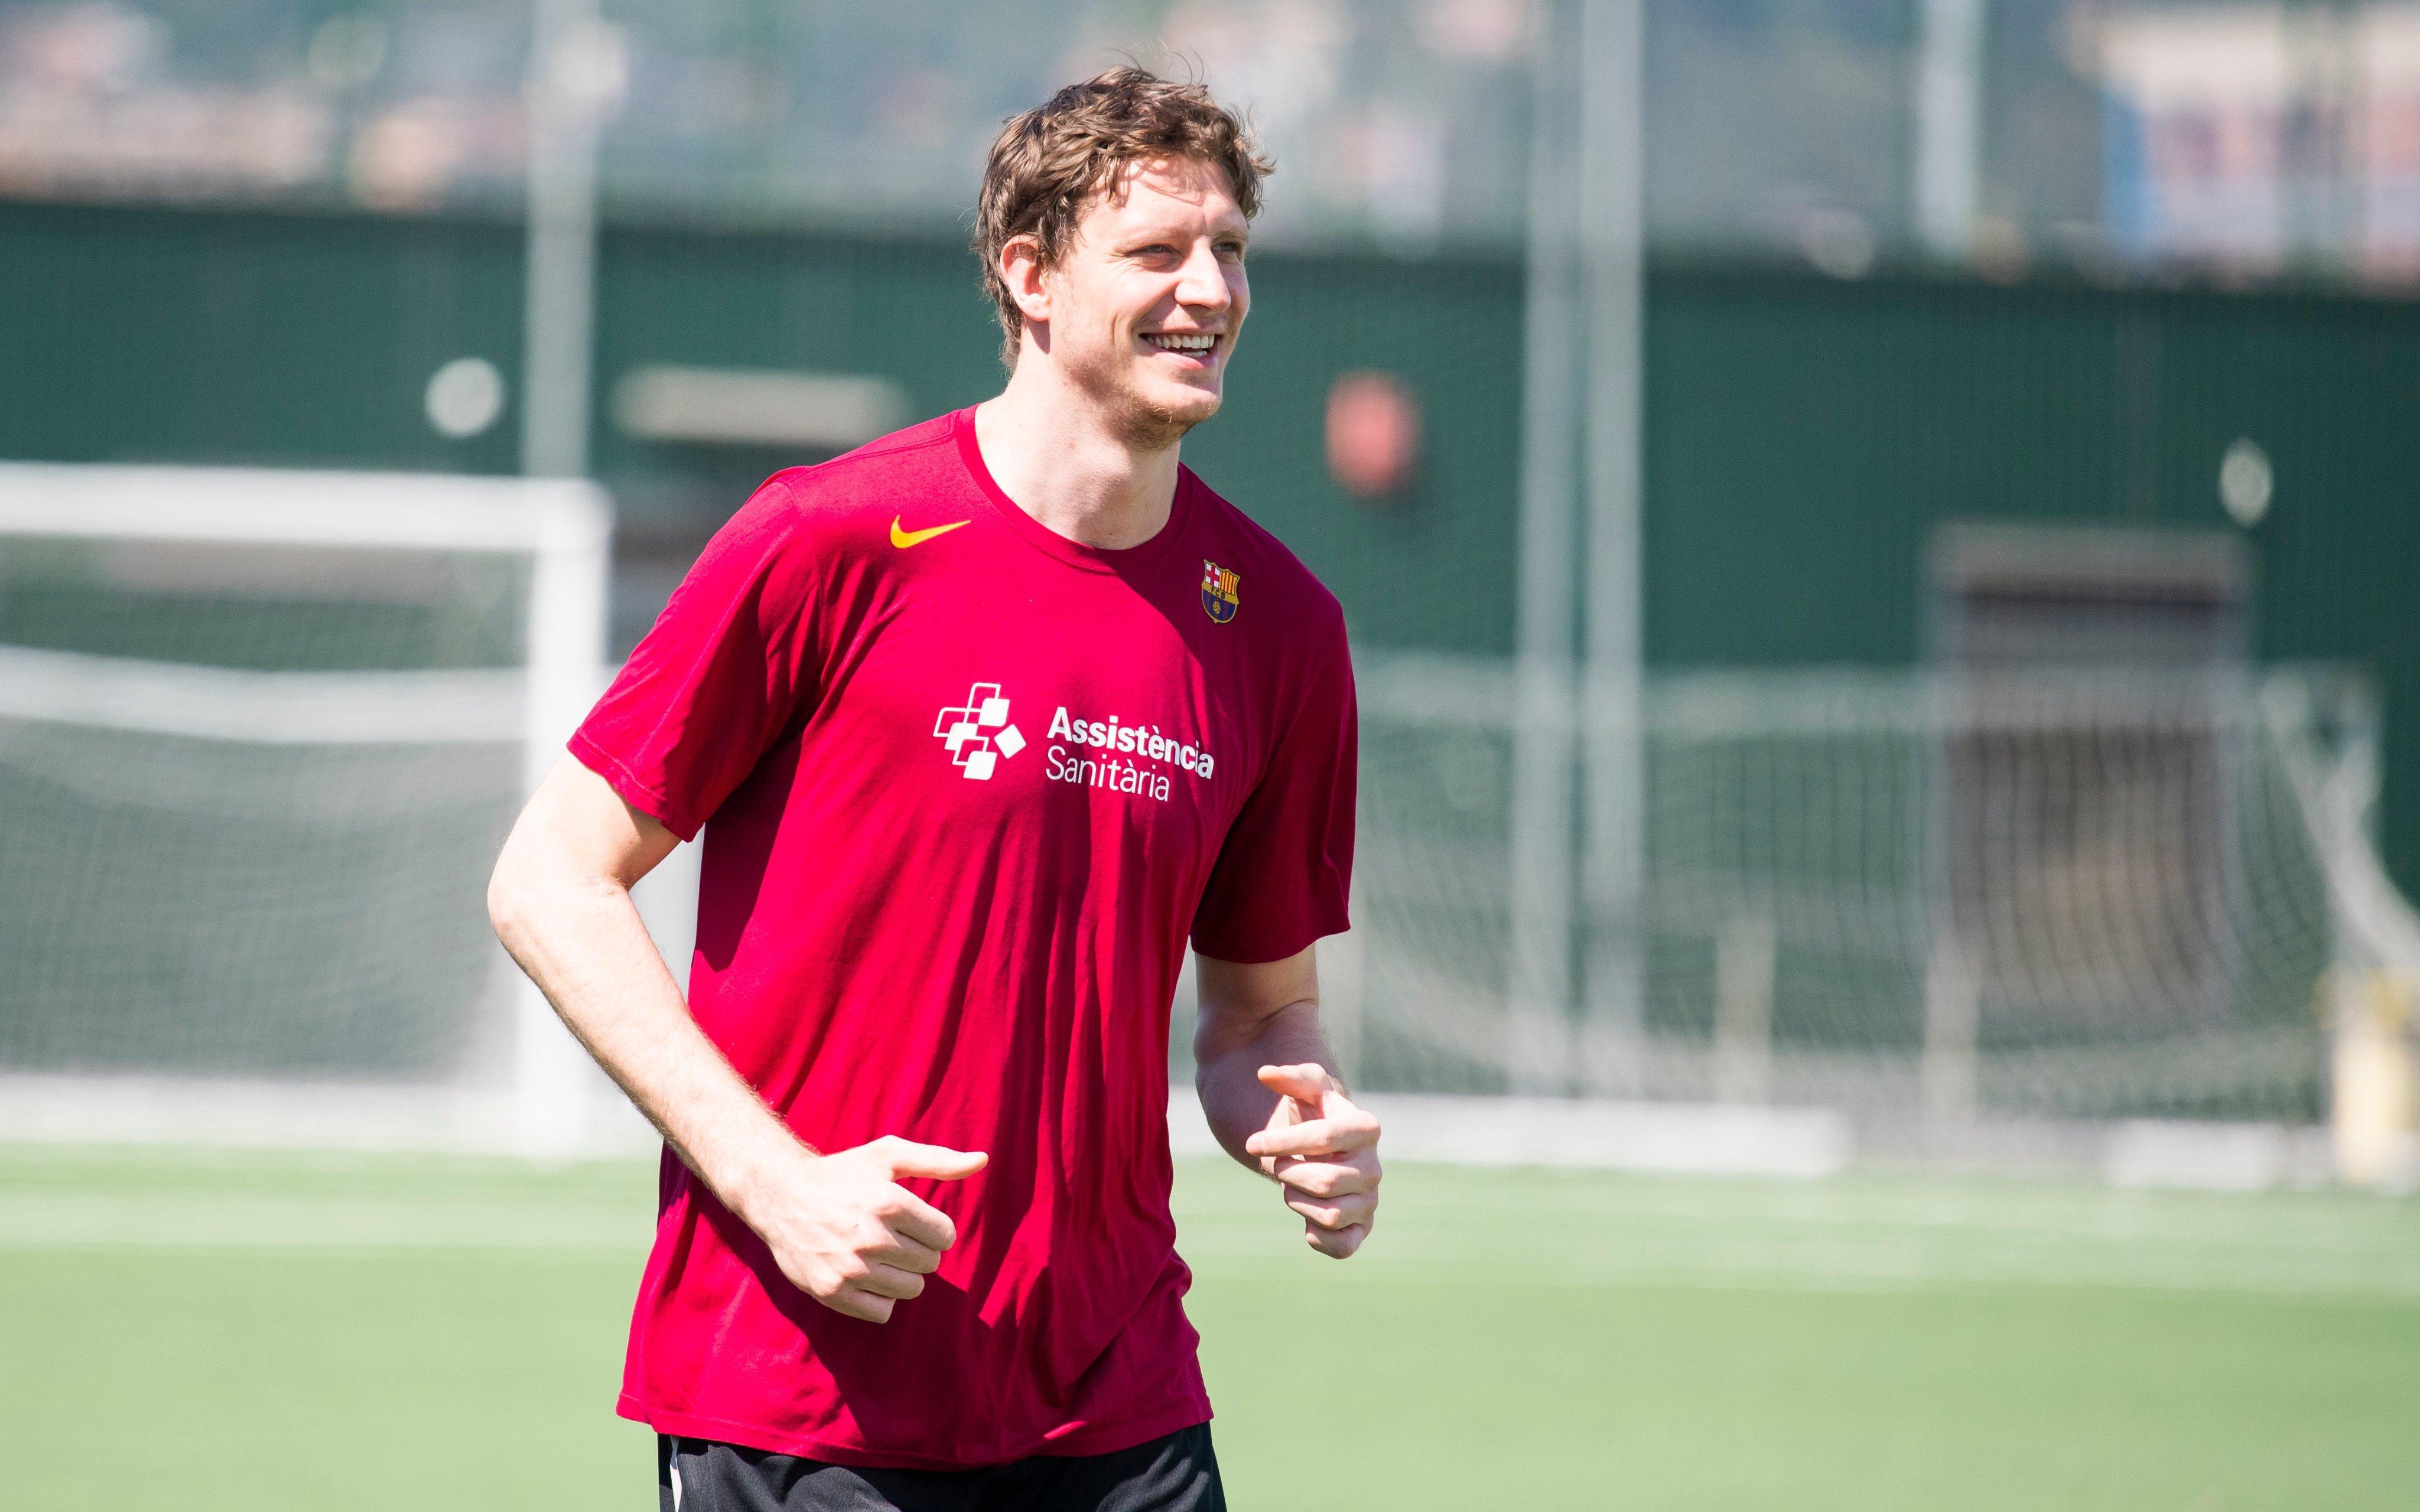 Артем Пустовий повернувся до тренувань у складі Барселони: фото та відео